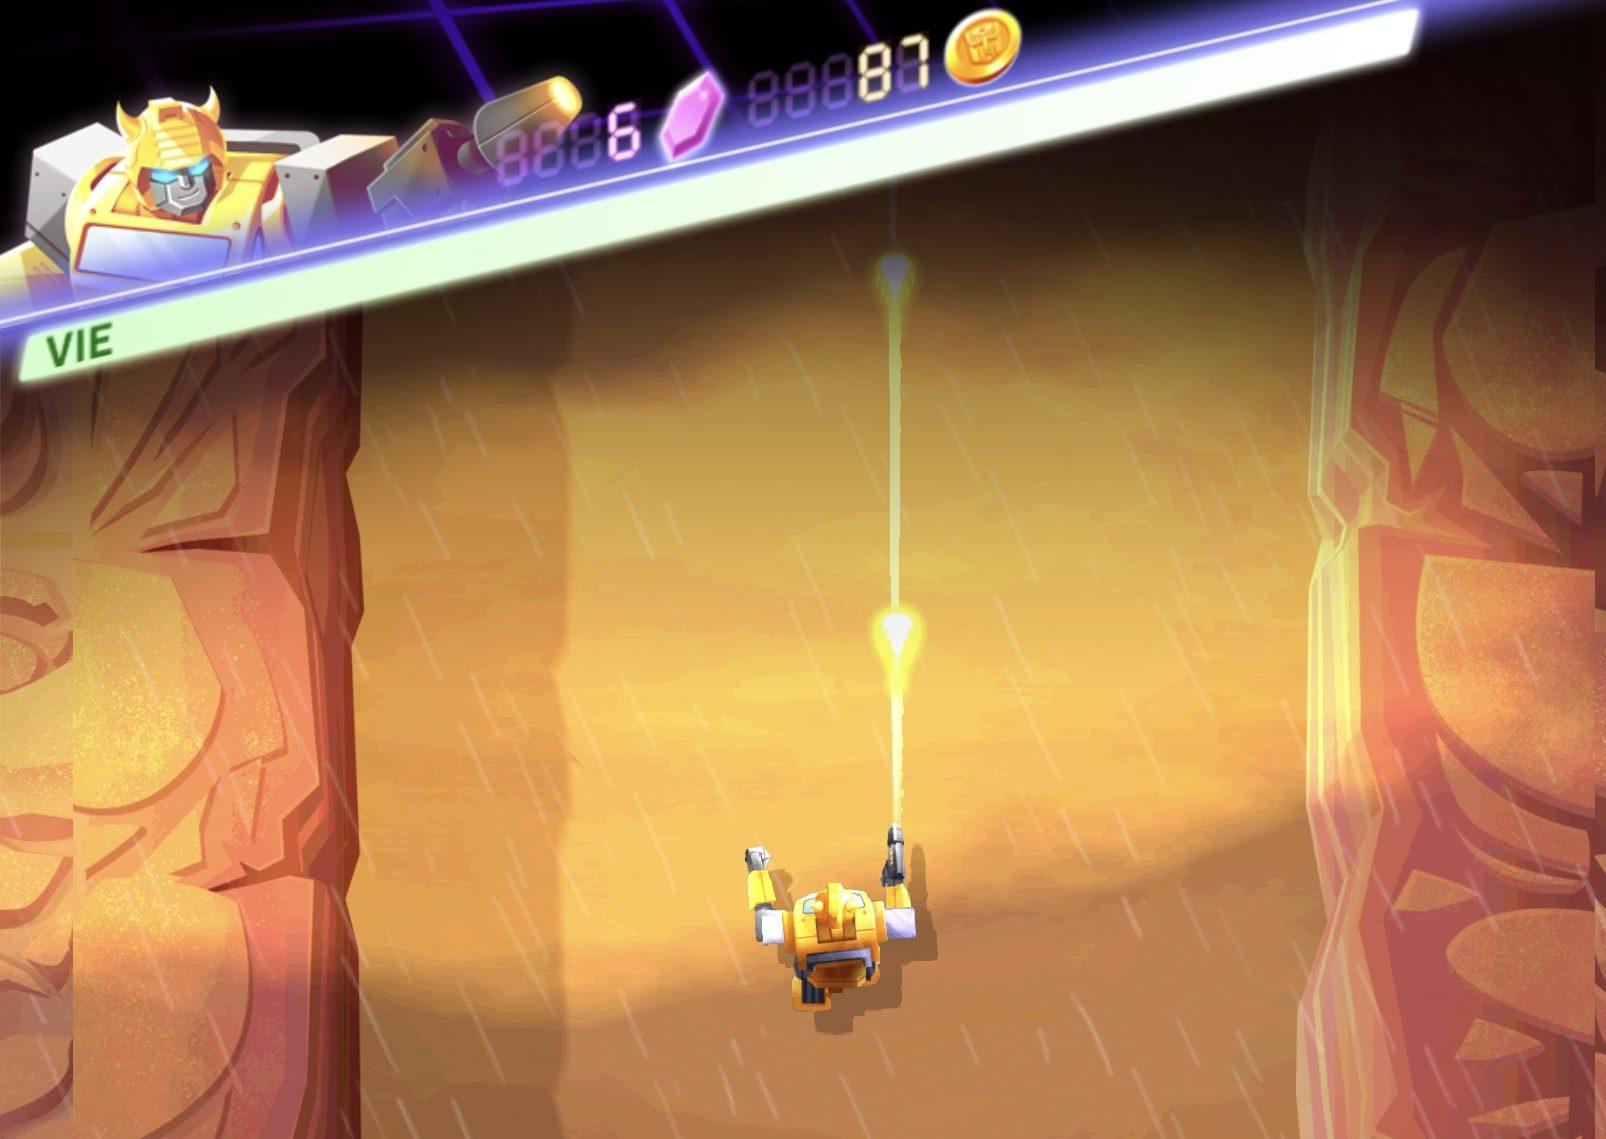 Nouveau jeu Transformers : un runner sympa pour Bumblebee et ses alliés, sur iPhone et iPad 1